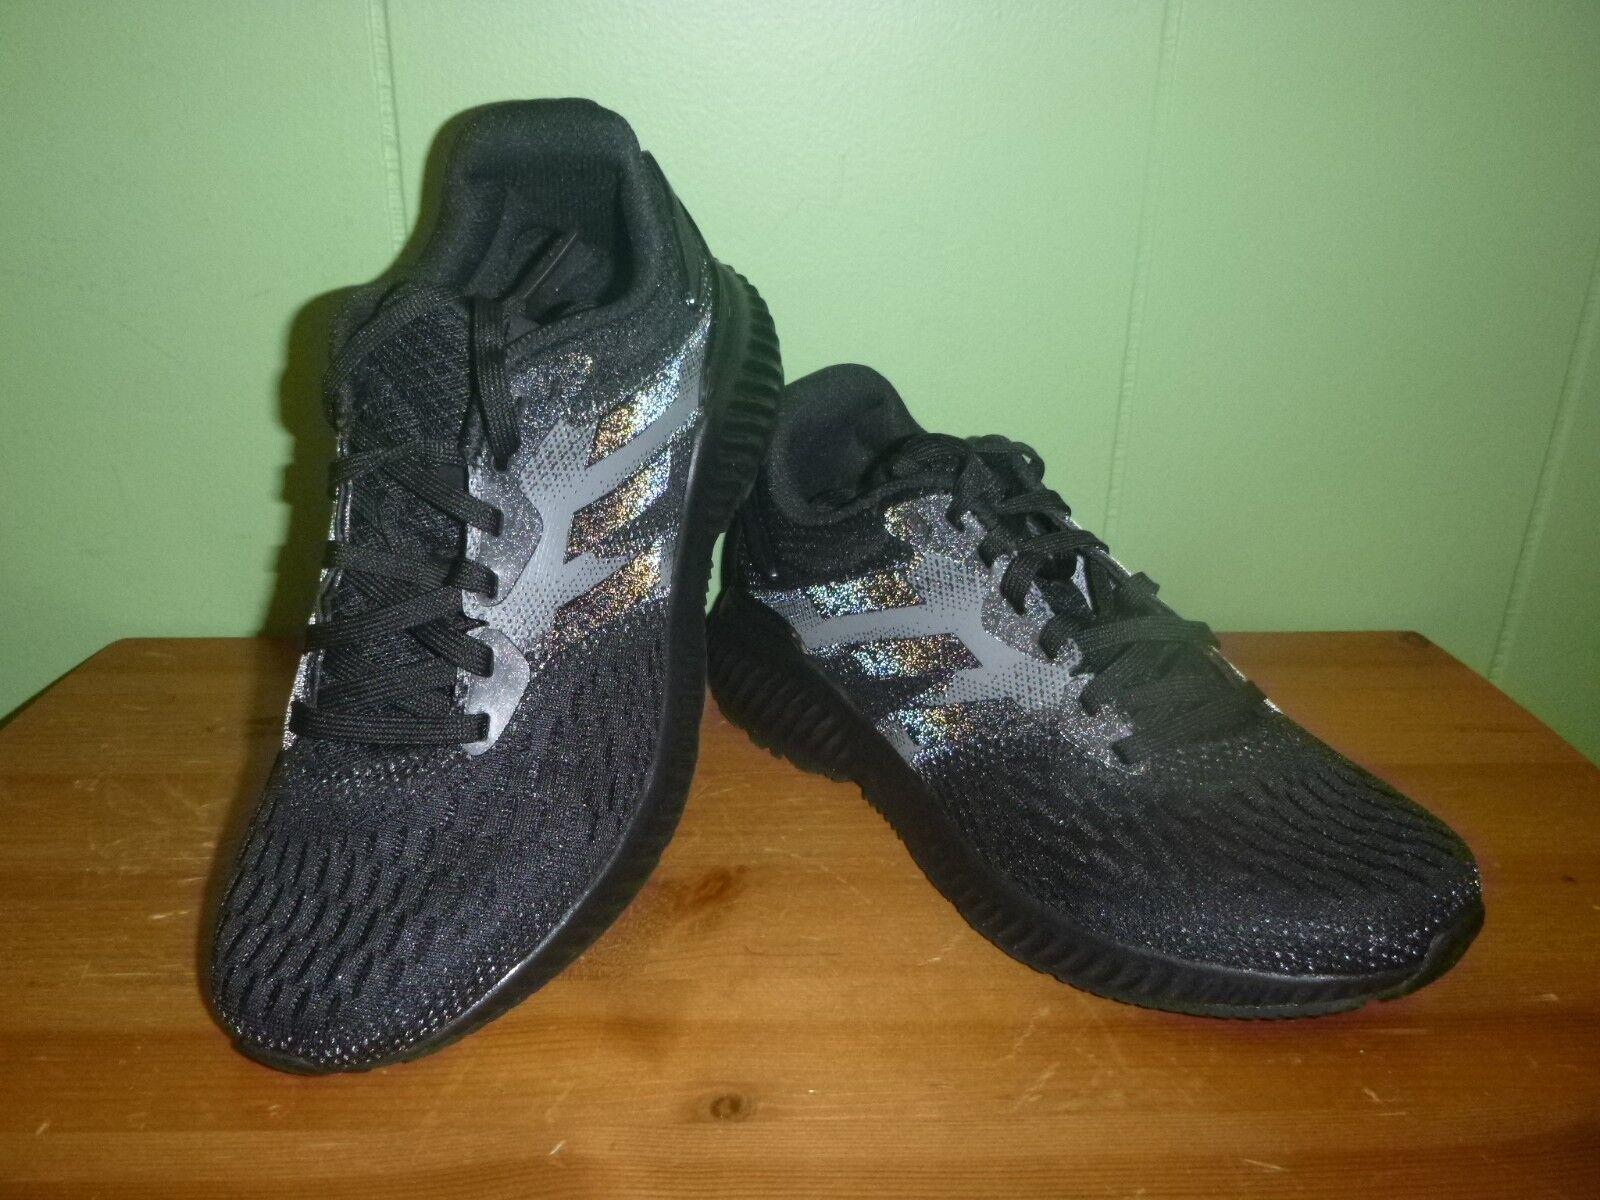 Αθλητικά παπούτσια Ξ³Ο…Ξ½Ξ±ΞΉΞΊΟŽΞ½ Adidas Aerobounce Sz.5.5 US Black NWOB